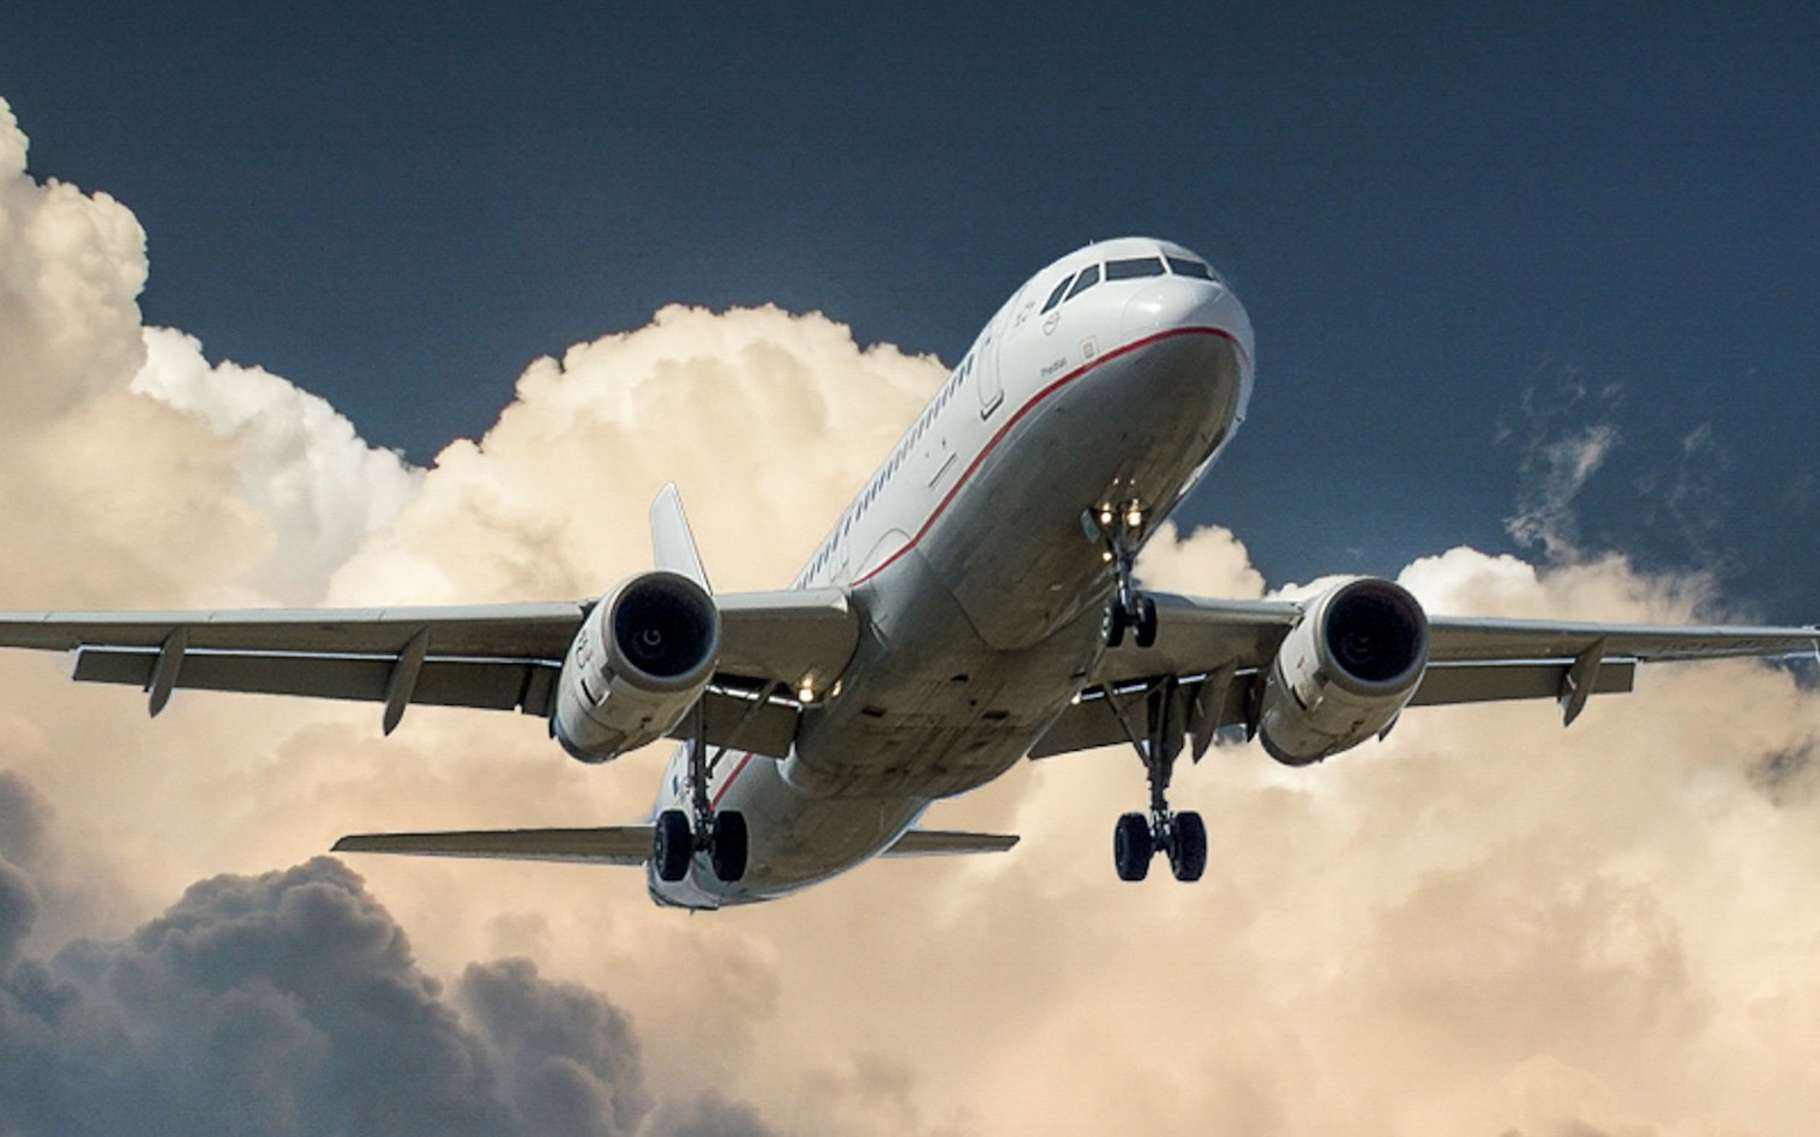 La force de traînée, comme celle que subissent les avions, correspond à une force qui s'oppose au mouvement d'un corps dans un fluide, liquide ou gazeux. © gustavmelin0, Pixabay, CC0 Creative Commons